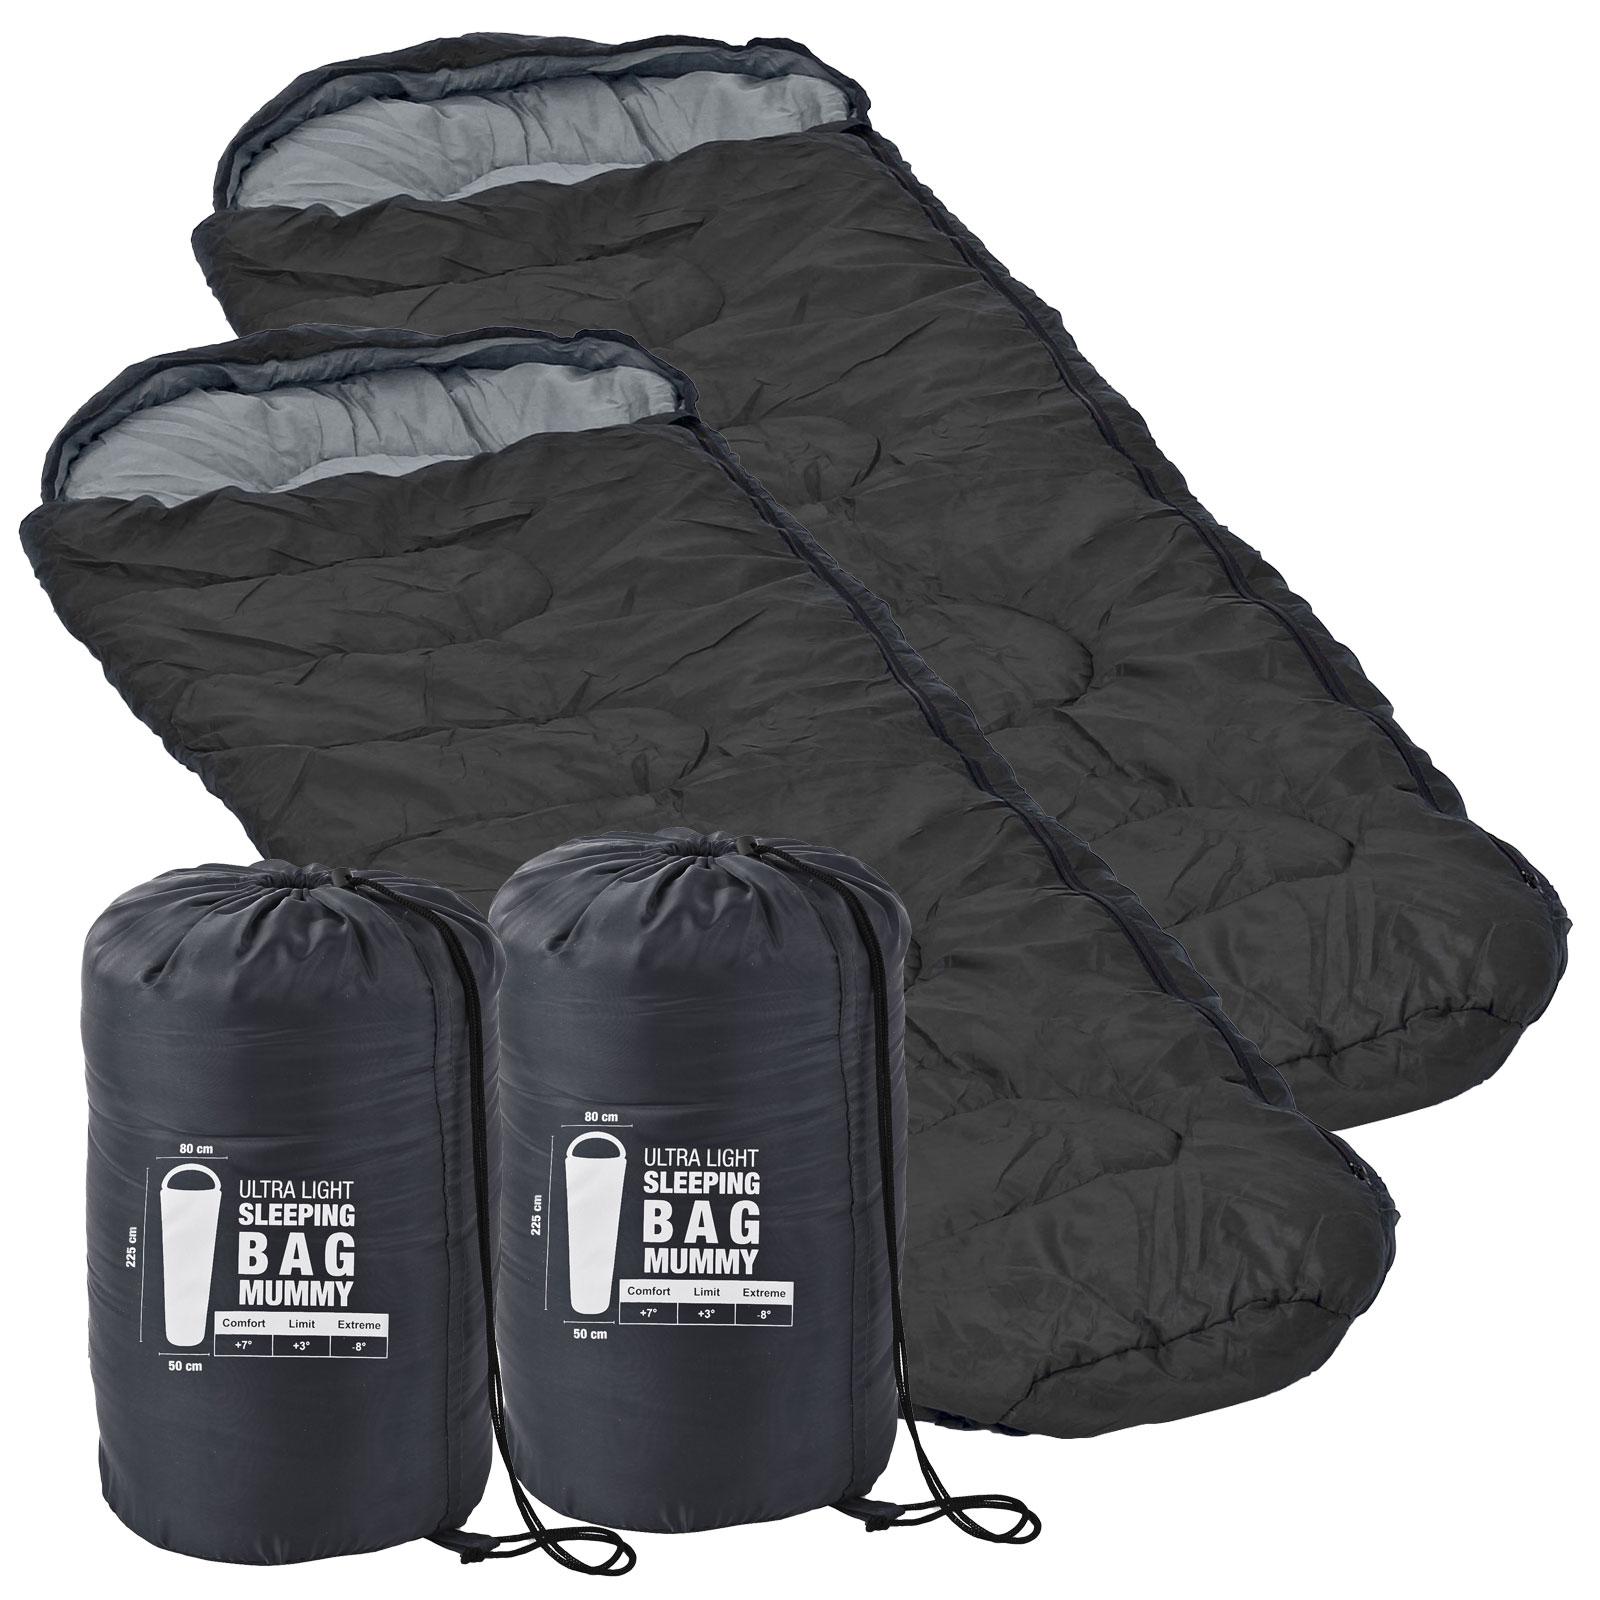 2x Ultraleicht Mumien Schlafsack Grau 225 x 80 x 50 minus 8 °C